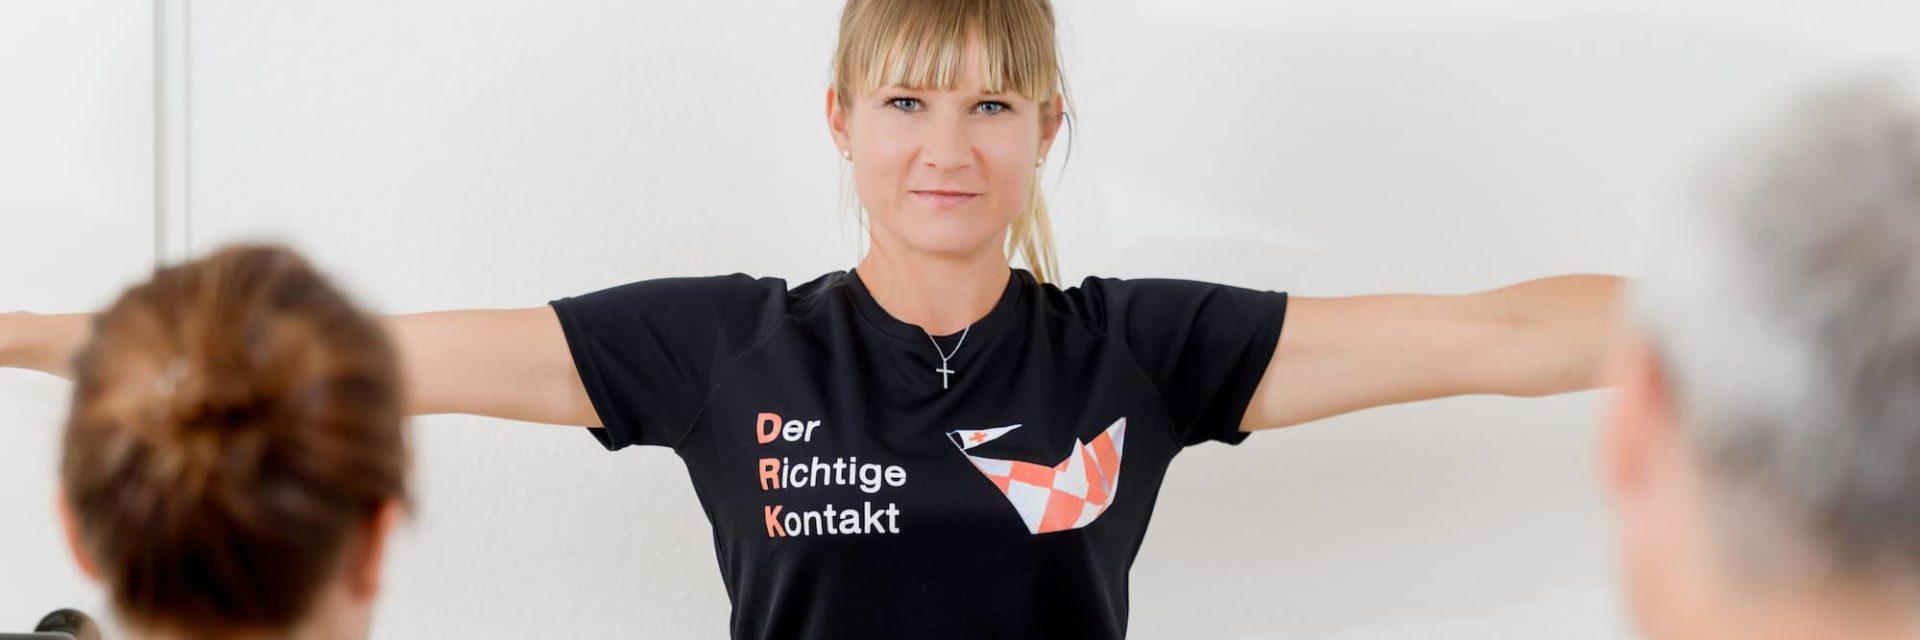 Deutsches rotes Kreuz Bremen, Berufliches Gesundheitsmanagement